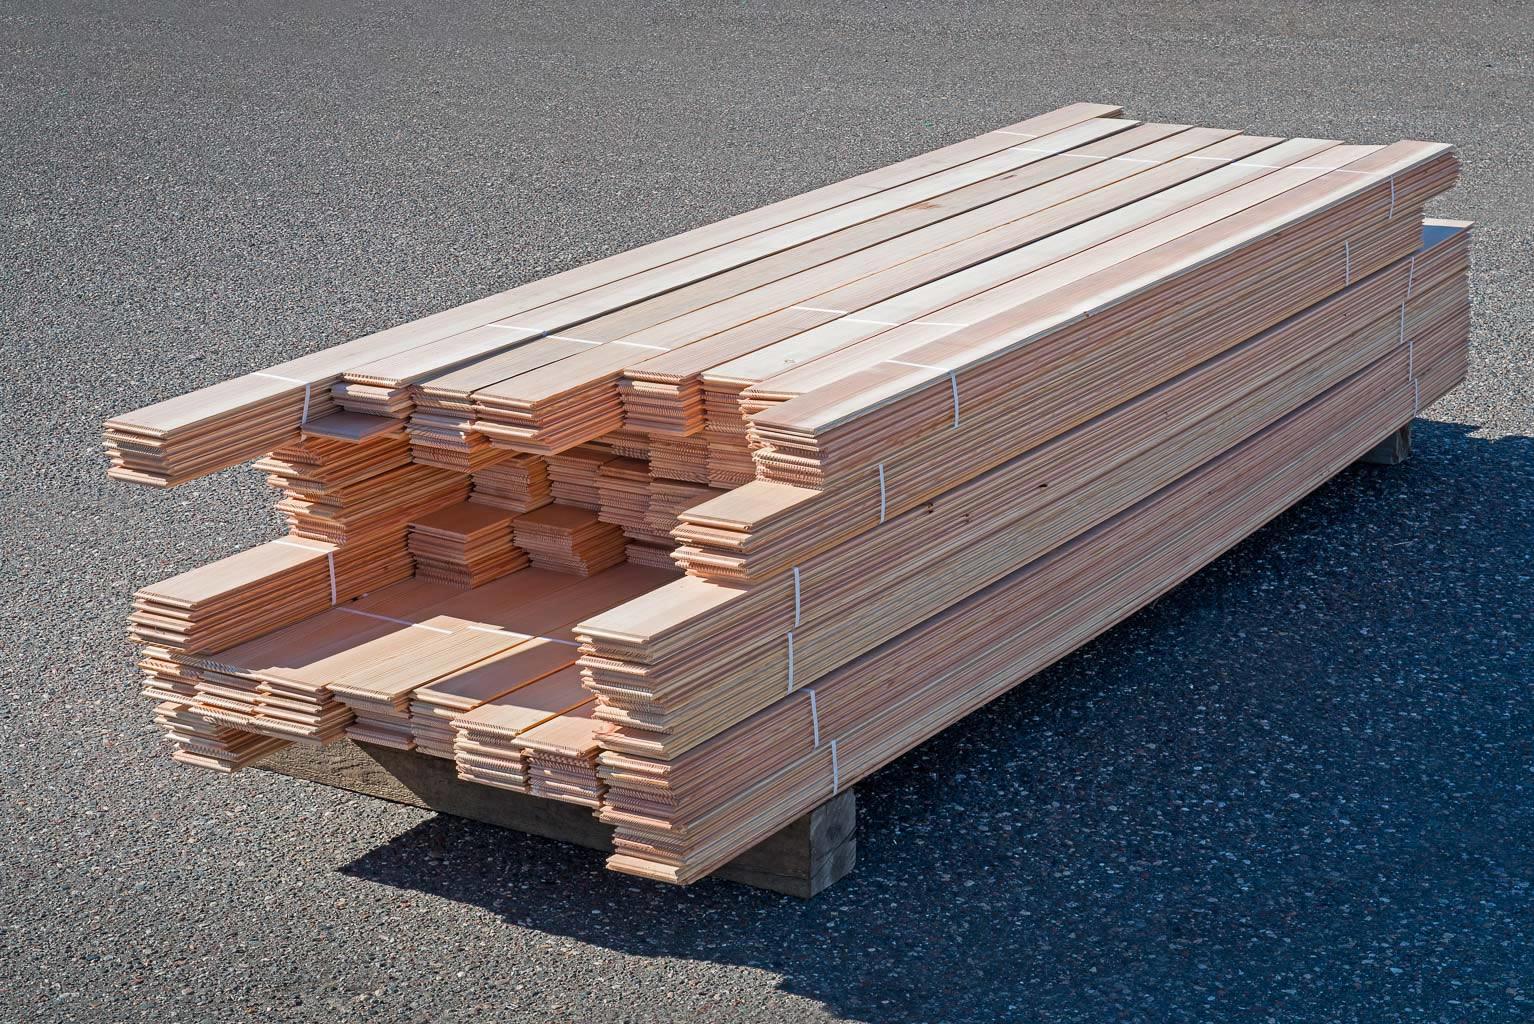 1x6 kd vg douglas fir end match midwest lumber